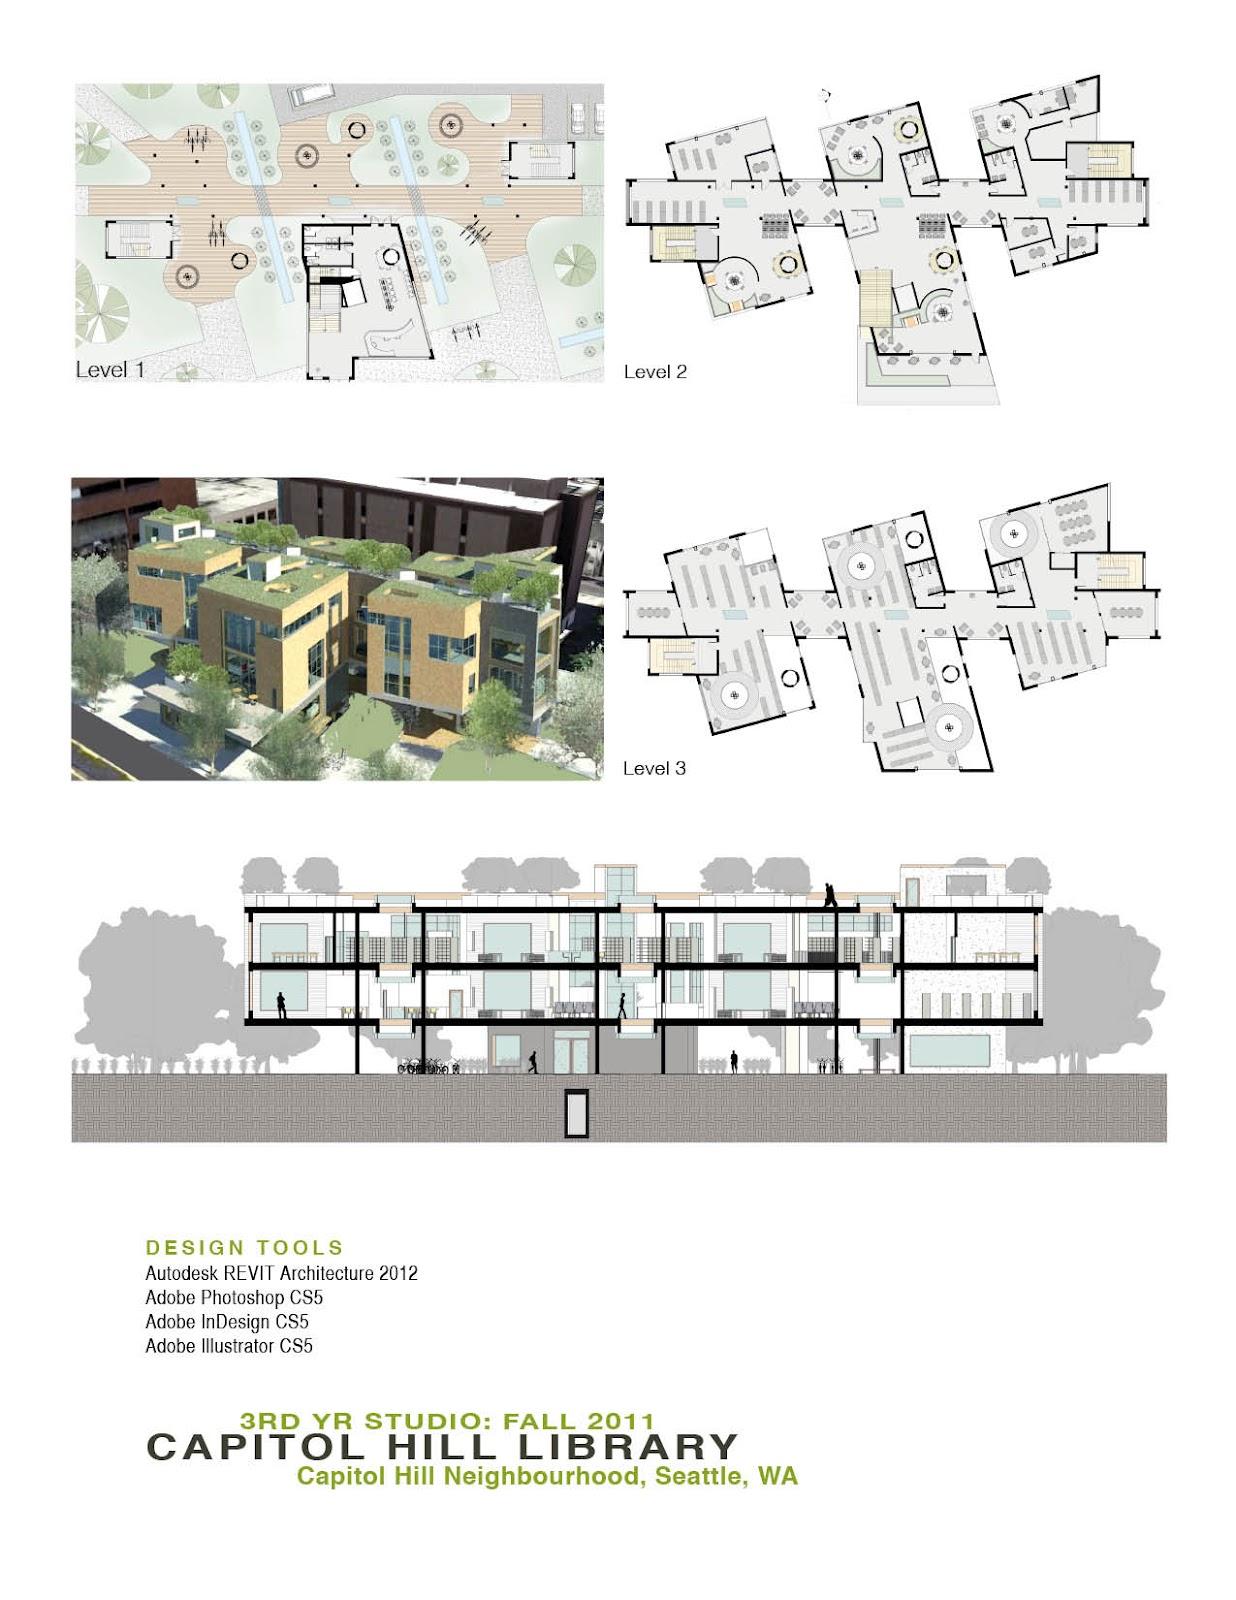 Matthew Schmidt Architecture